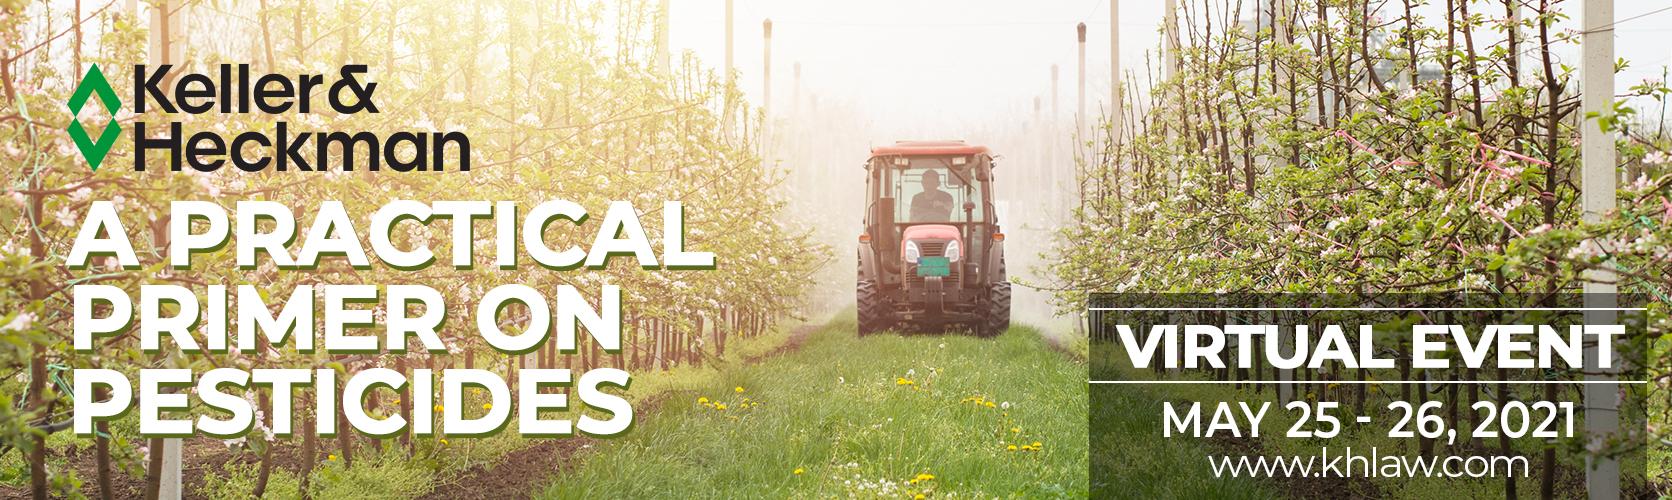 2021 Spring Practical Primer on Pesticides Banner